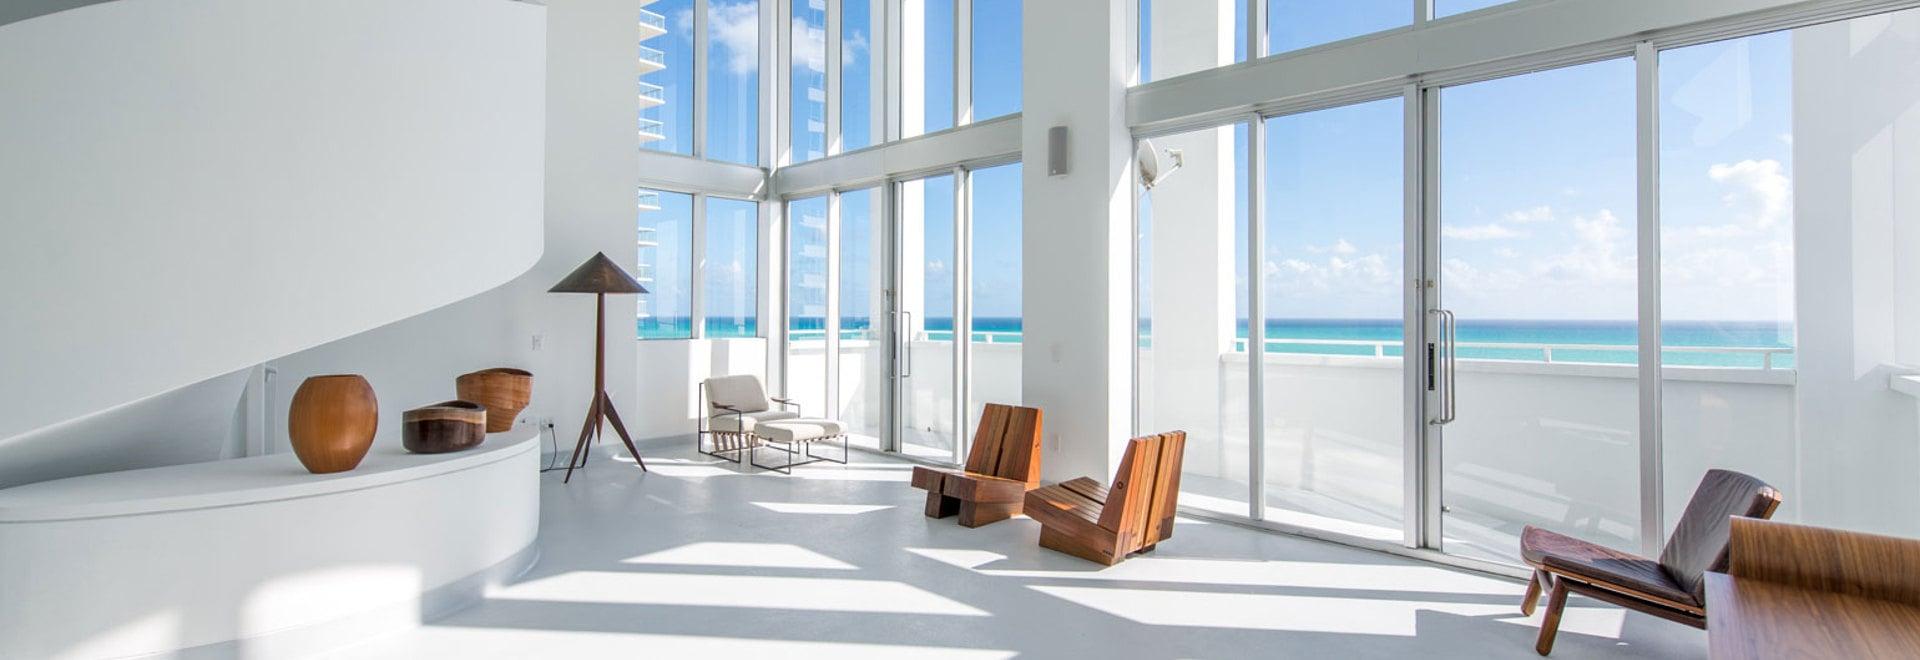 Espasso brings Brazilian design to Miami's Shore Club Hotel